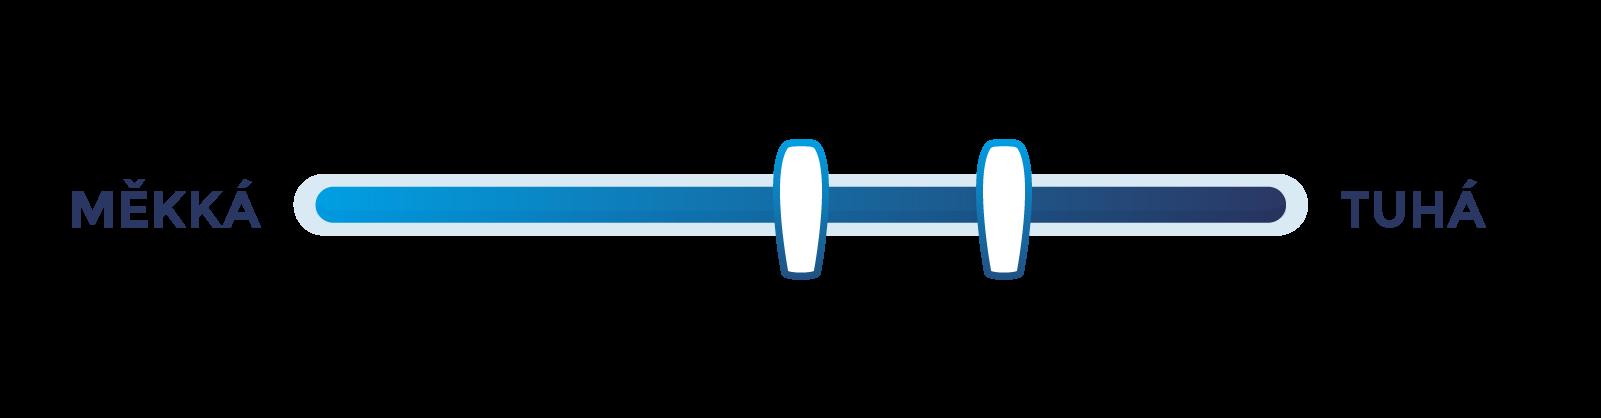 tuhost-matrace-skala-3-4